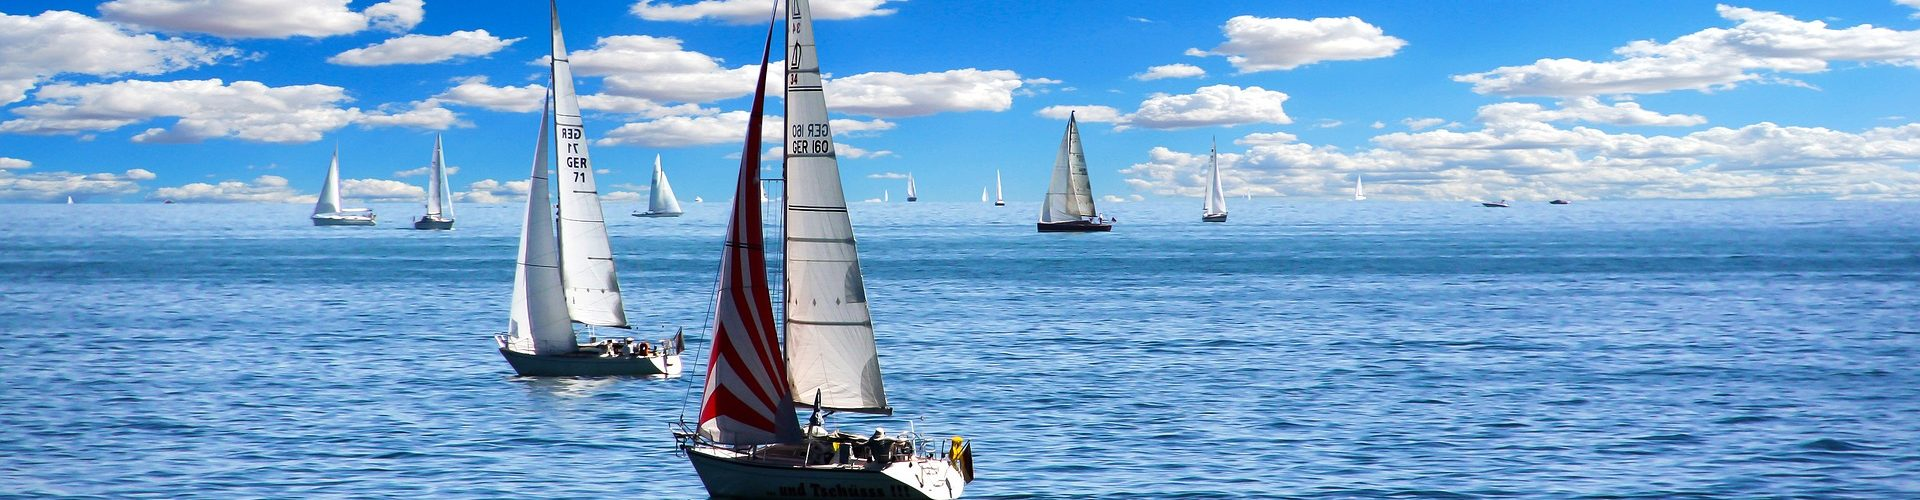 segeln lernen in Bestensee segelschein machen in Bestensee 1920x500 - Segeln lernen in Bestensee